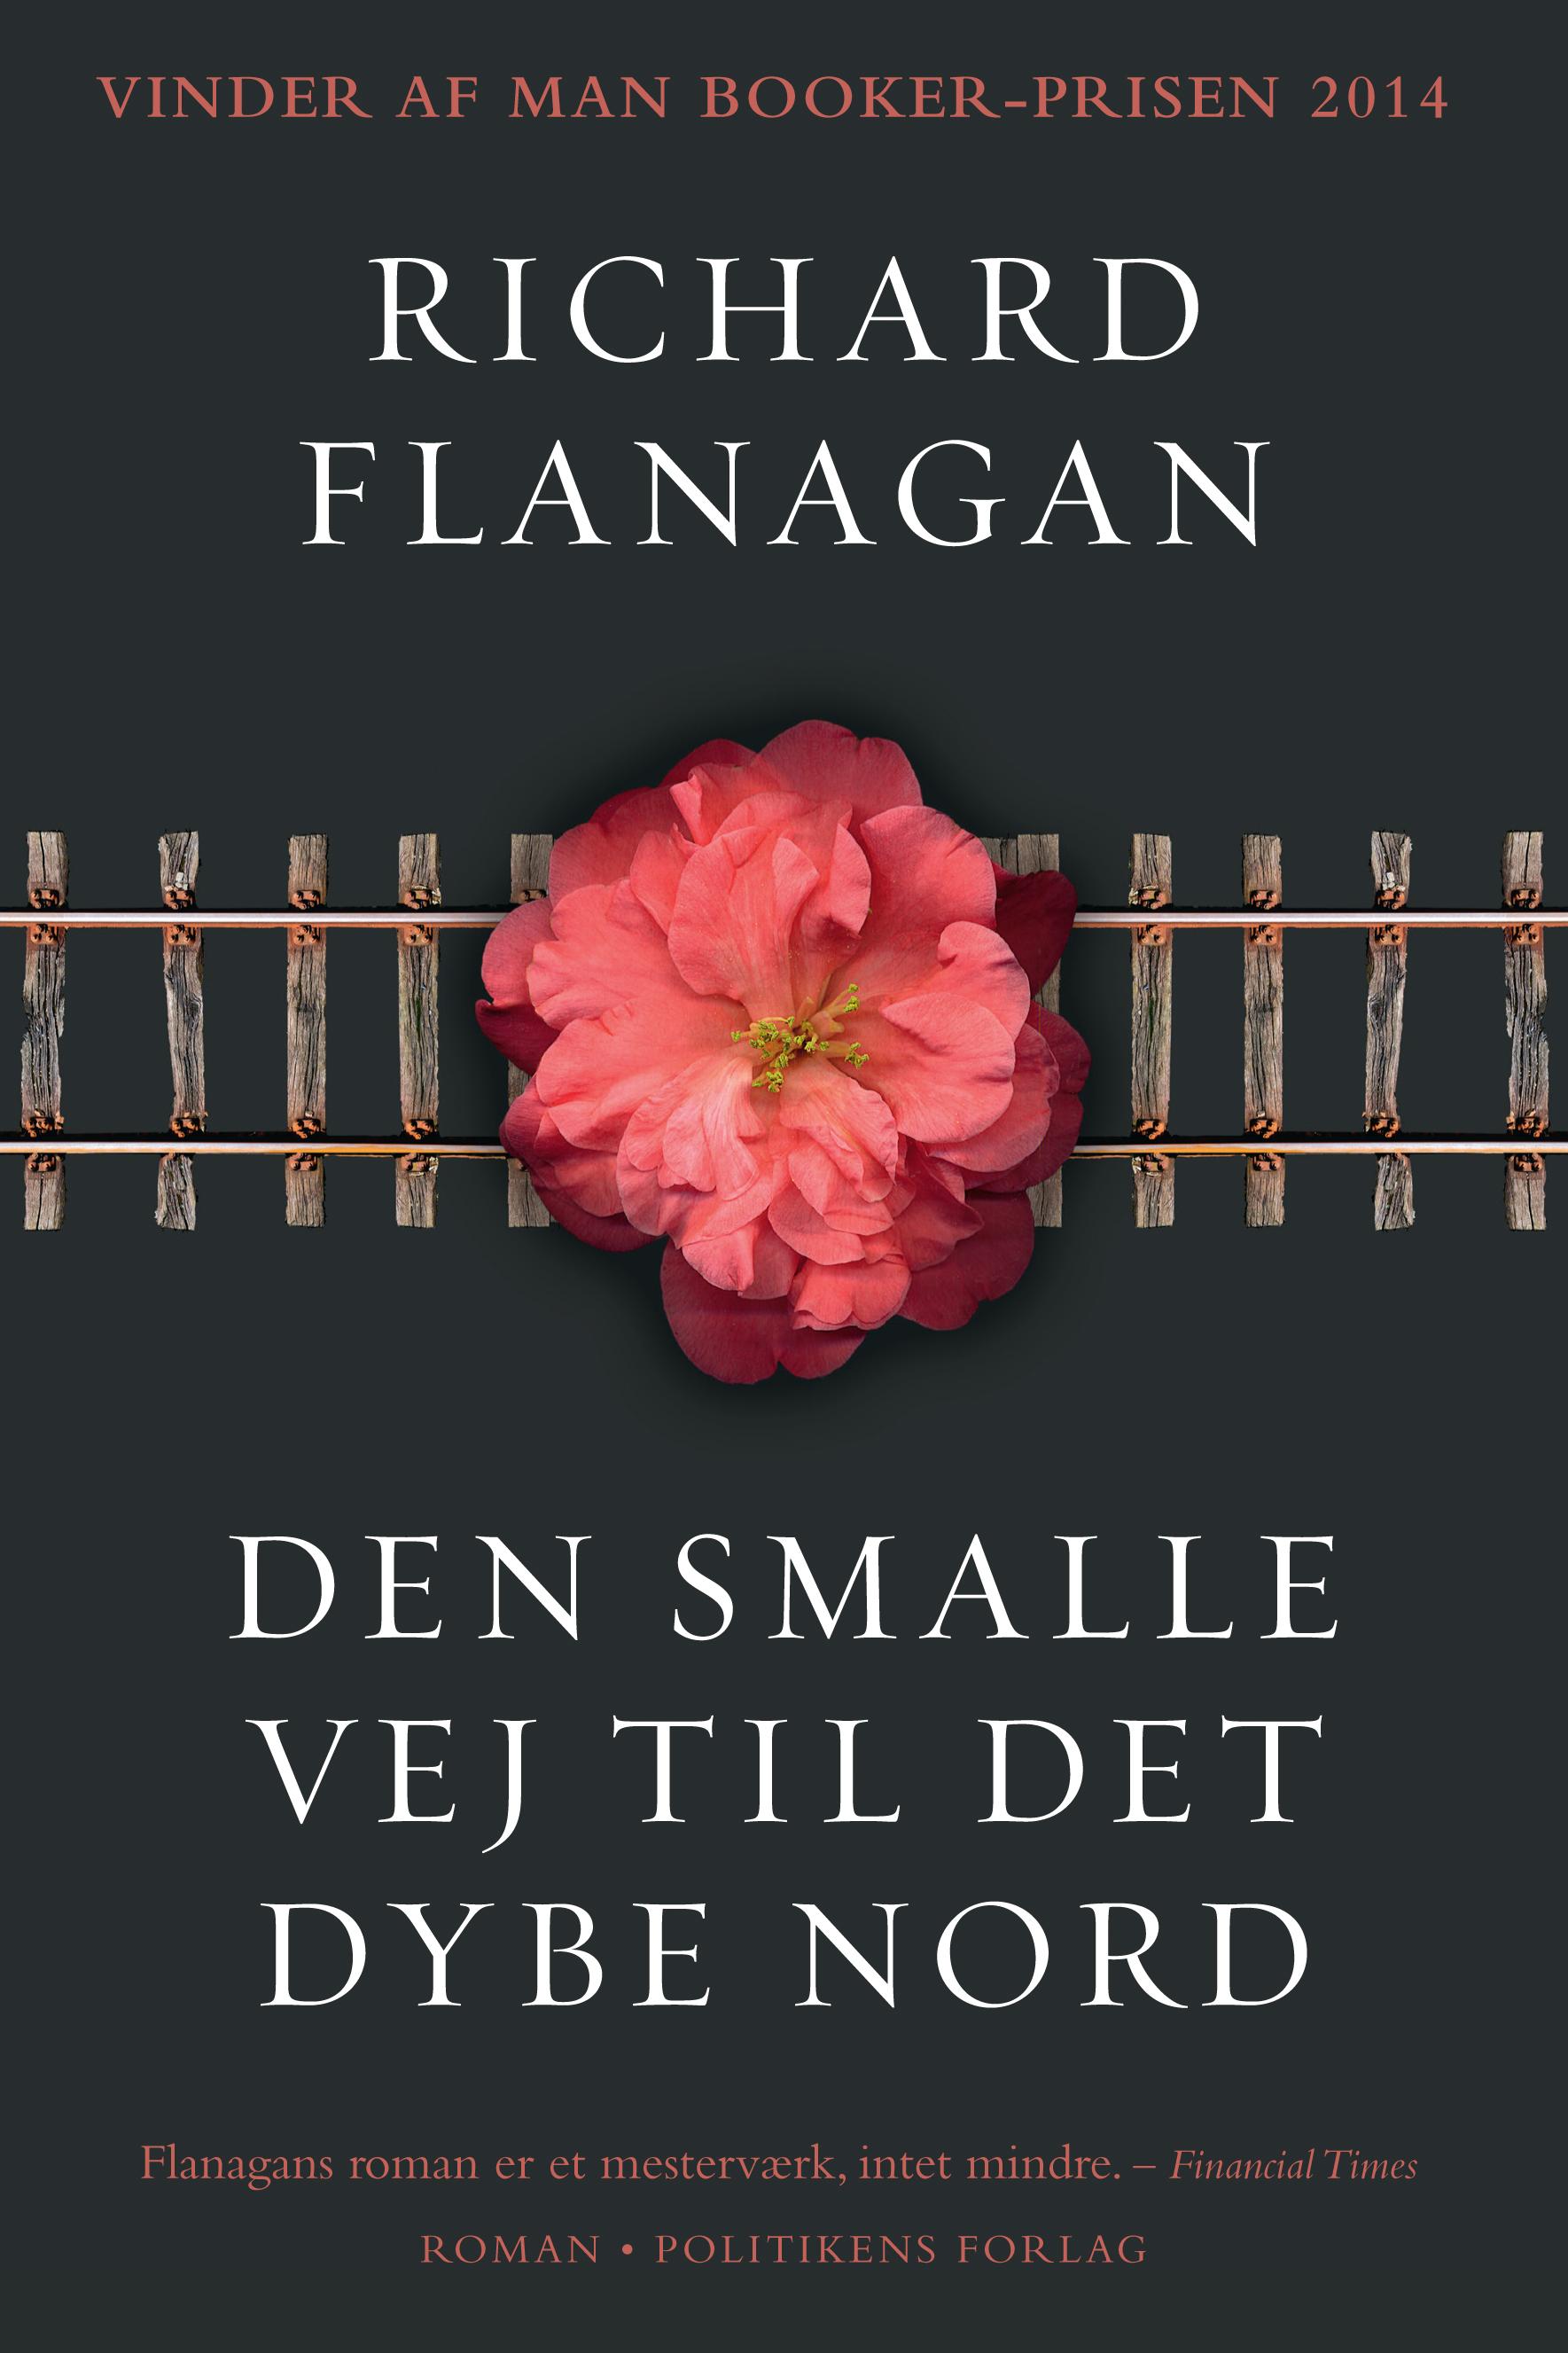 FLANAGAN_SMALLE_VEJ_omslag_148x226.indd